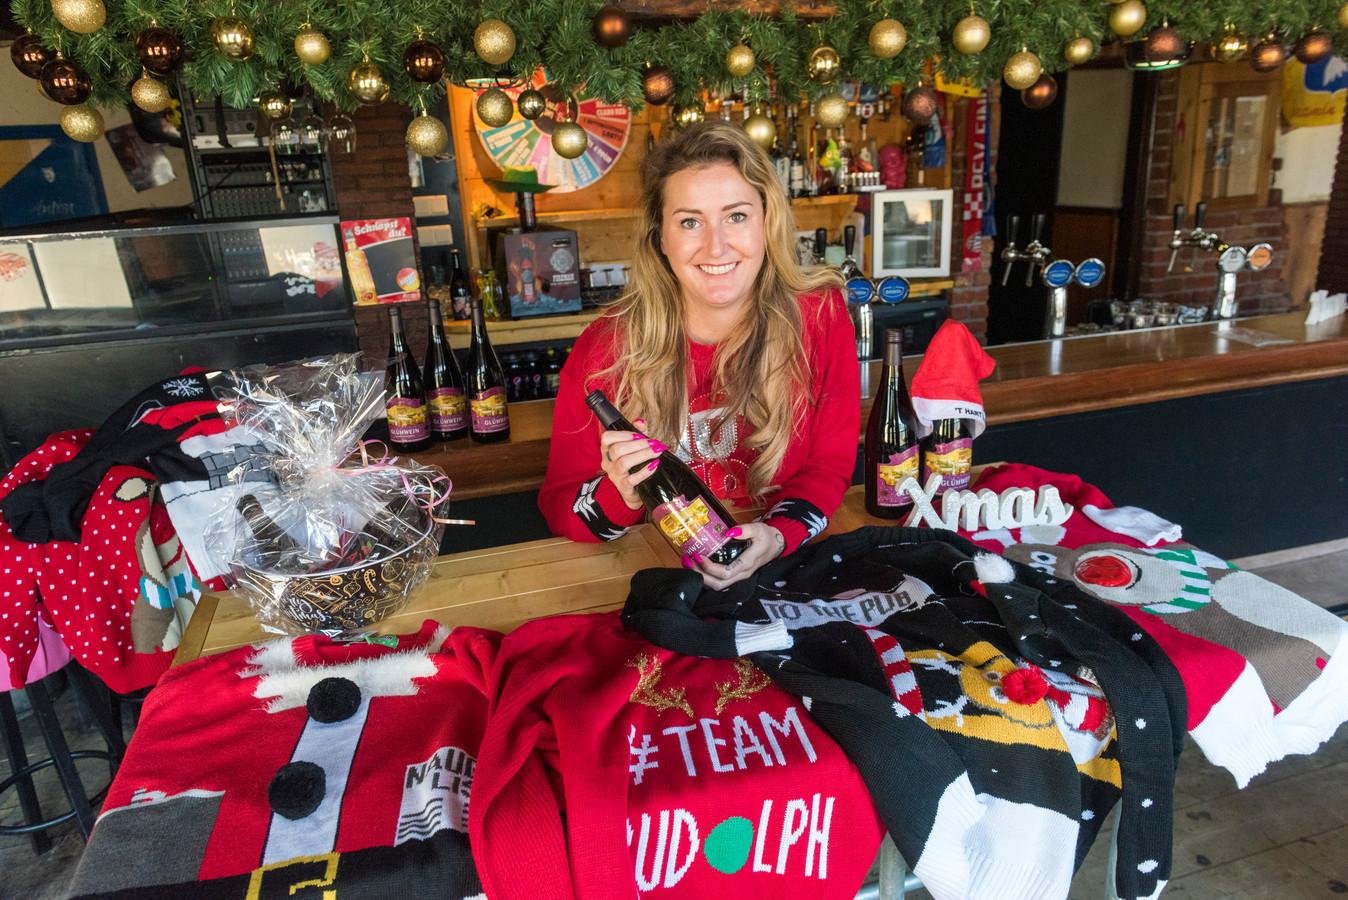 Café-eigenaresse Linda van Asseldonk maakt van haar café tijdelijk een 'foute kersttruien winkel'.